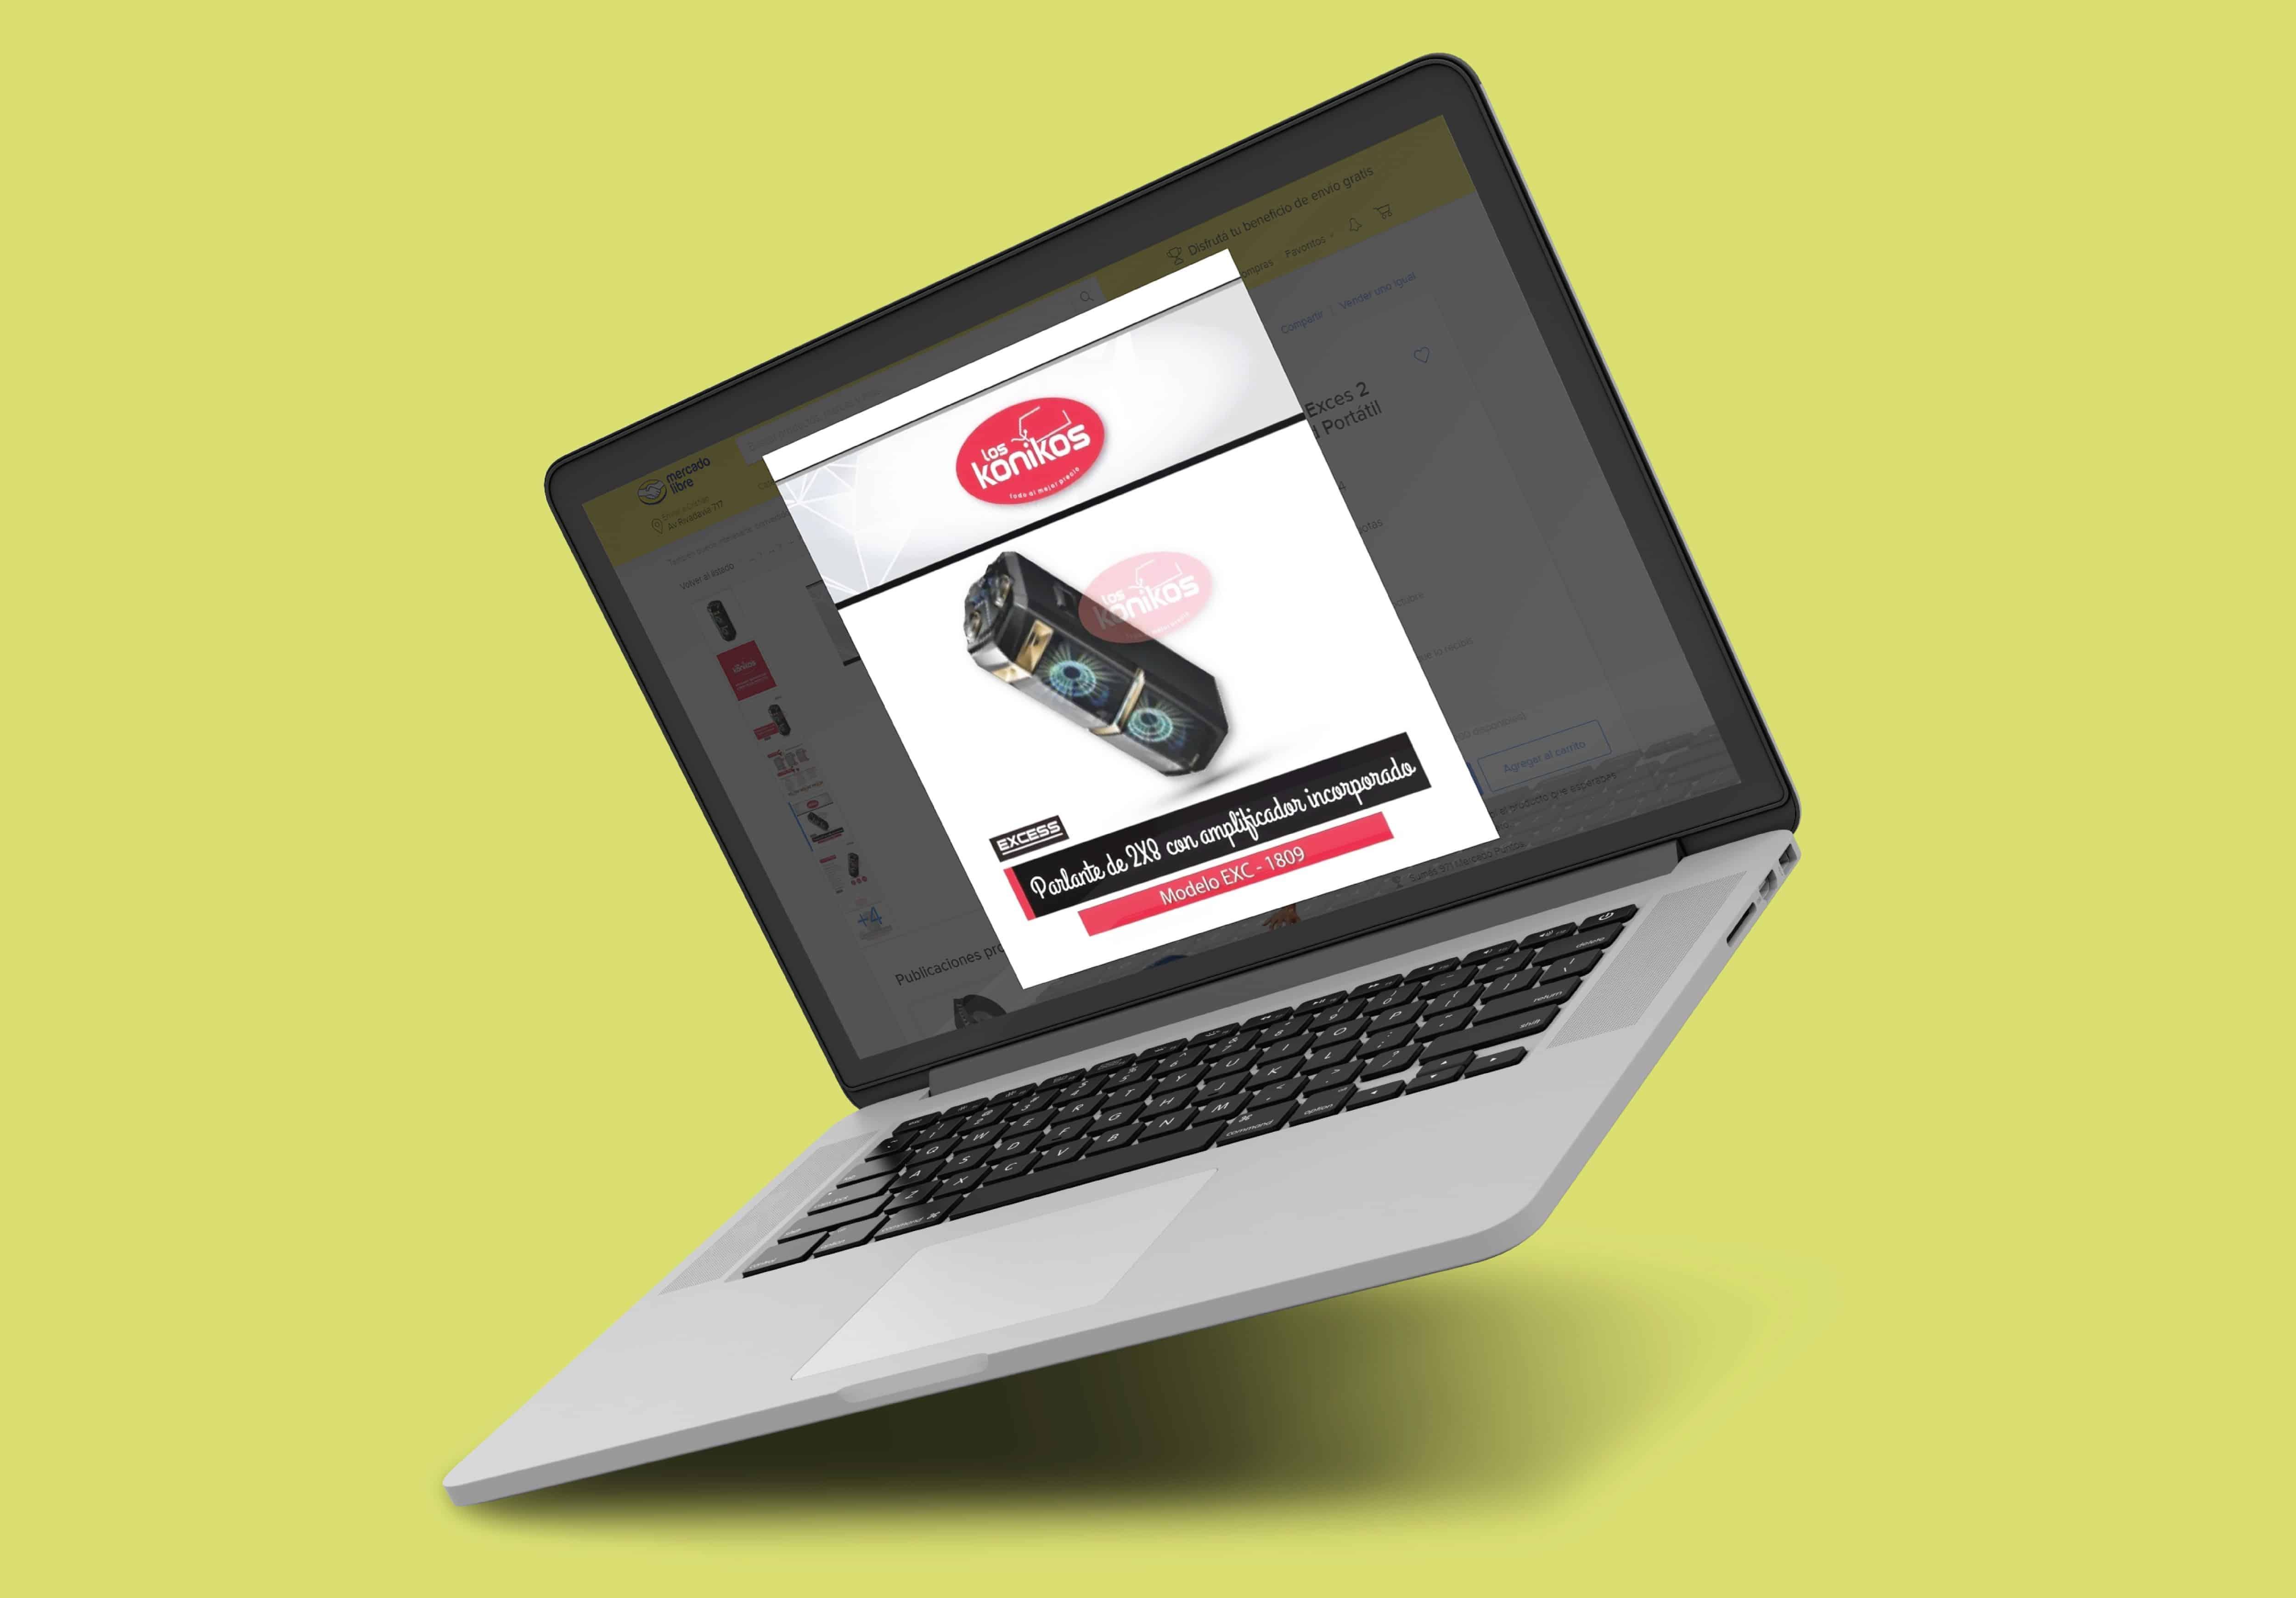 Marketing Digital Agencia Digital, Vender en MercadoLibre, como_vender_en_mercadolibre_5